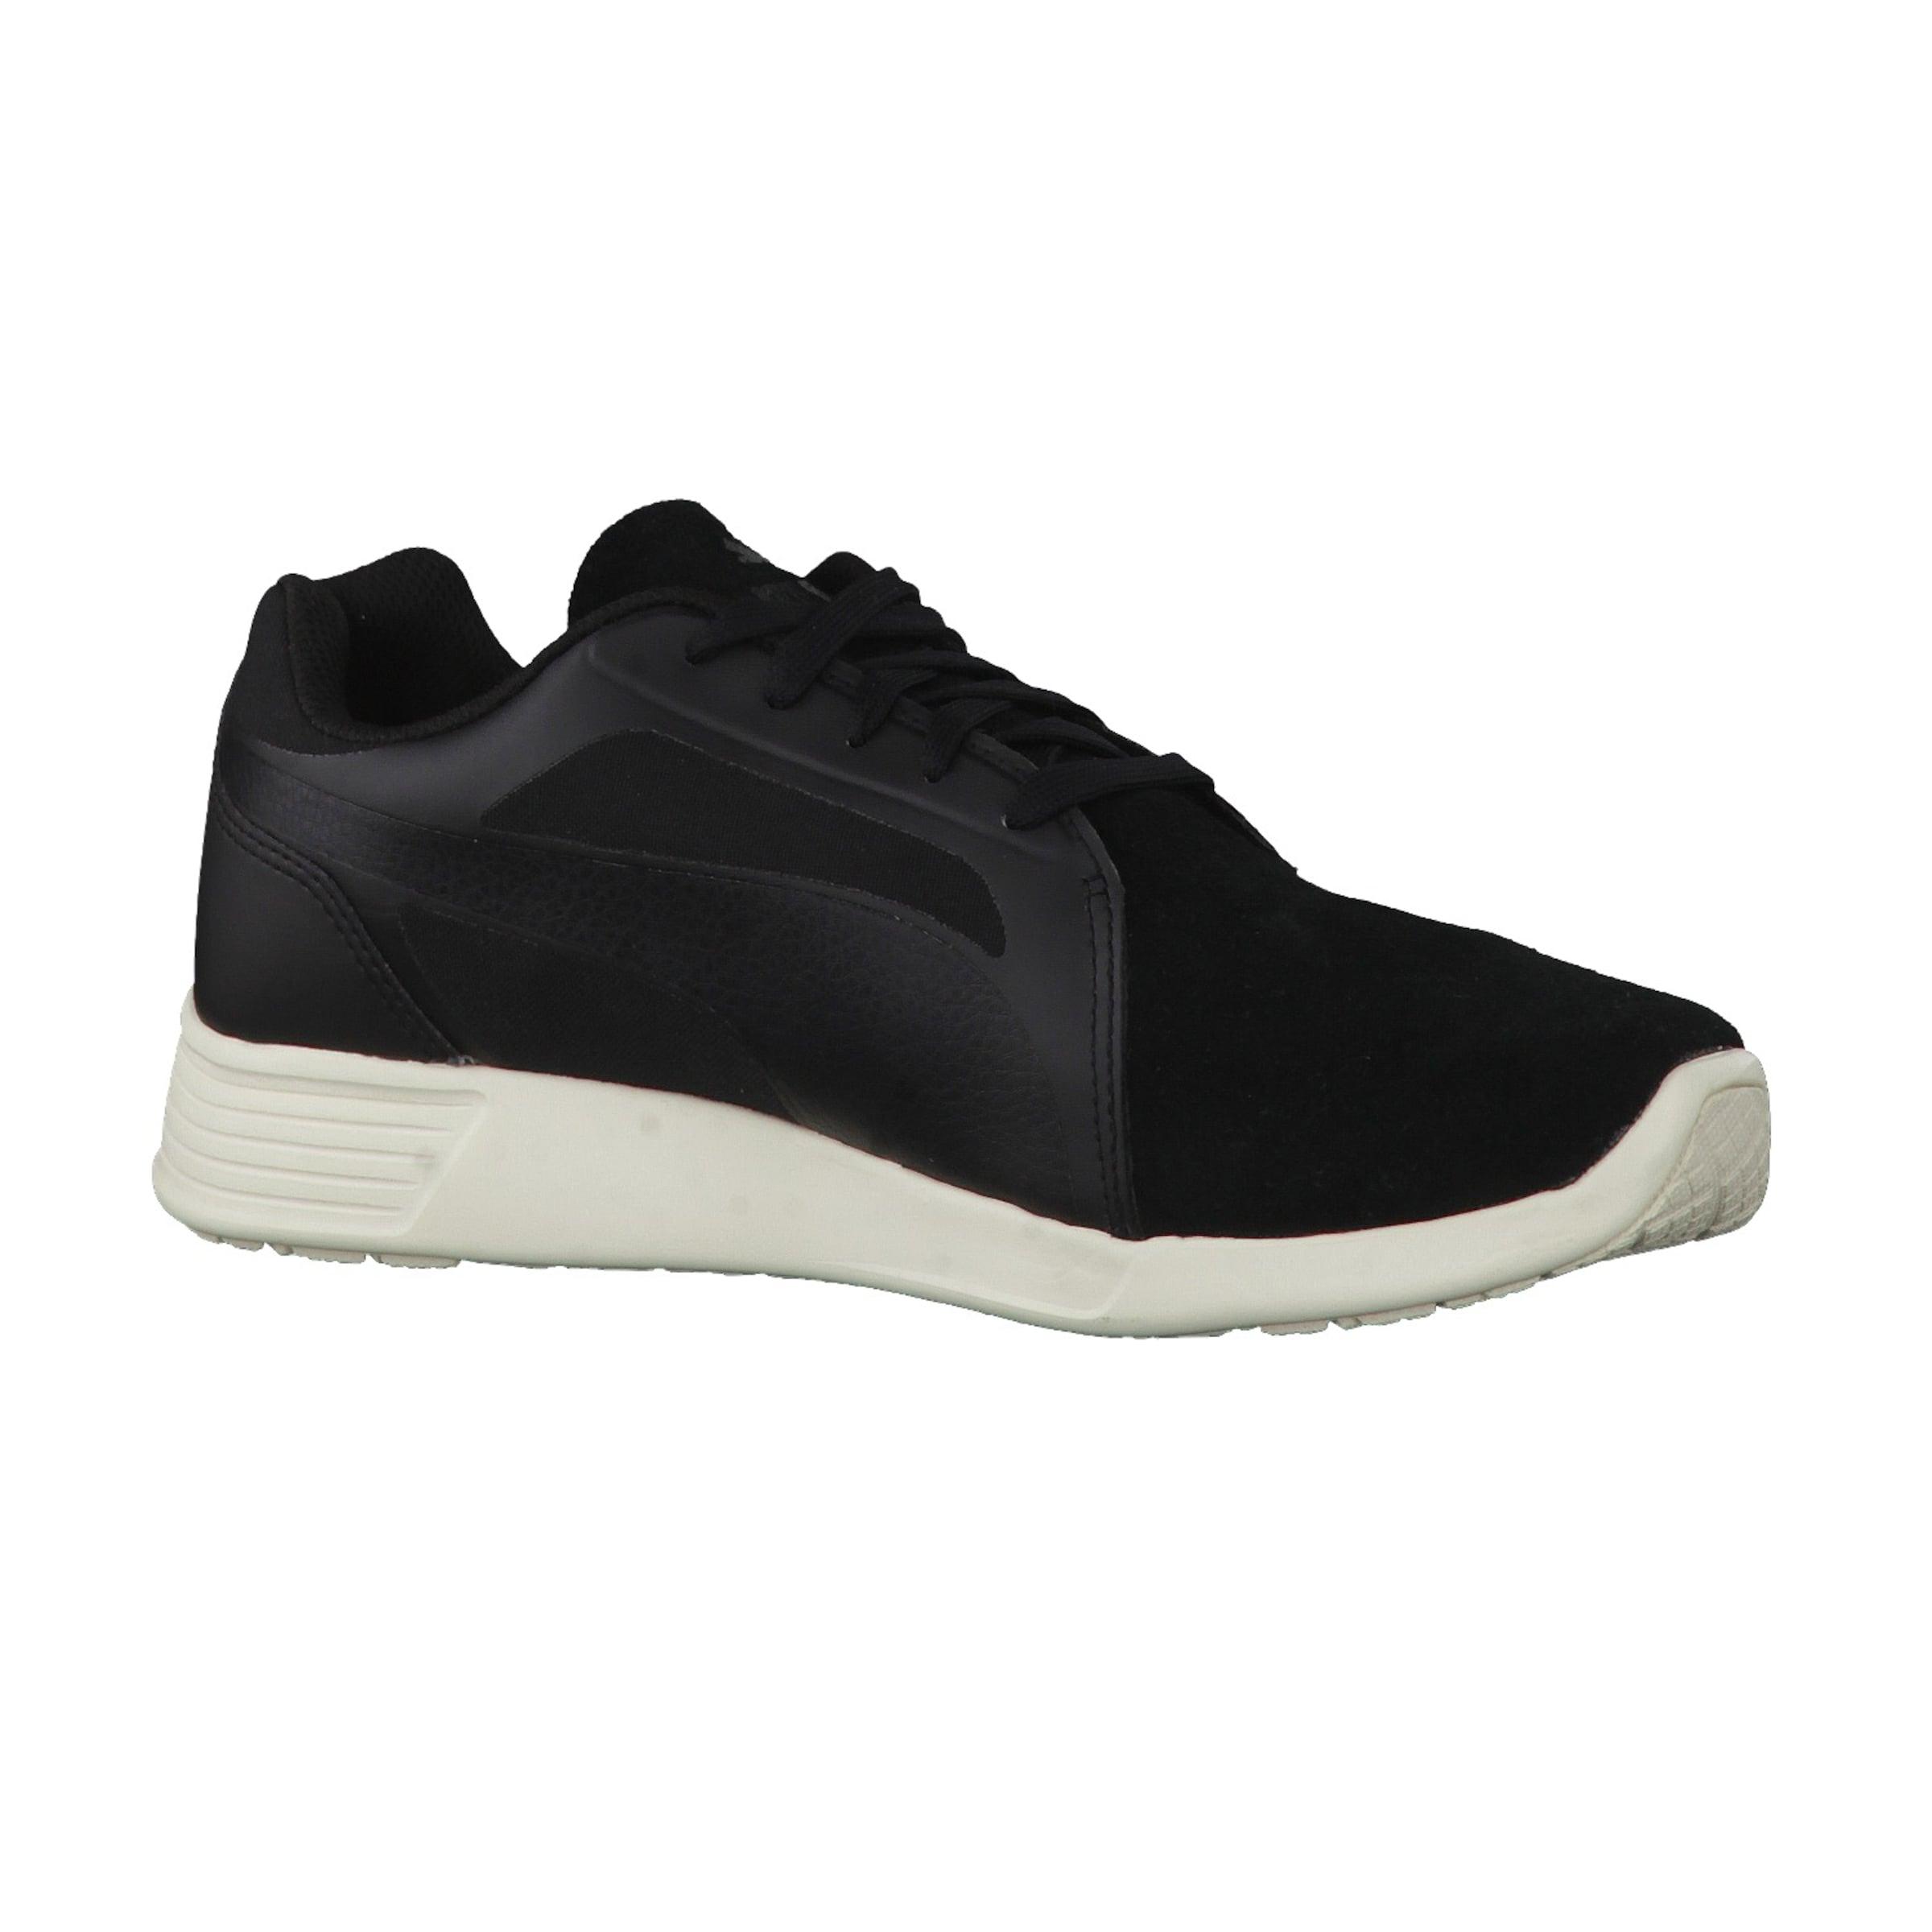 PUMA Sneaker 'ST Trainer Evo SD 360949-01 mit Retro-Design' Mit Paypal Online Freies Verschiffen Veröffentlichungstermine Günstig Kaufen Extrem Shop Online-Verkauf mJb2NU